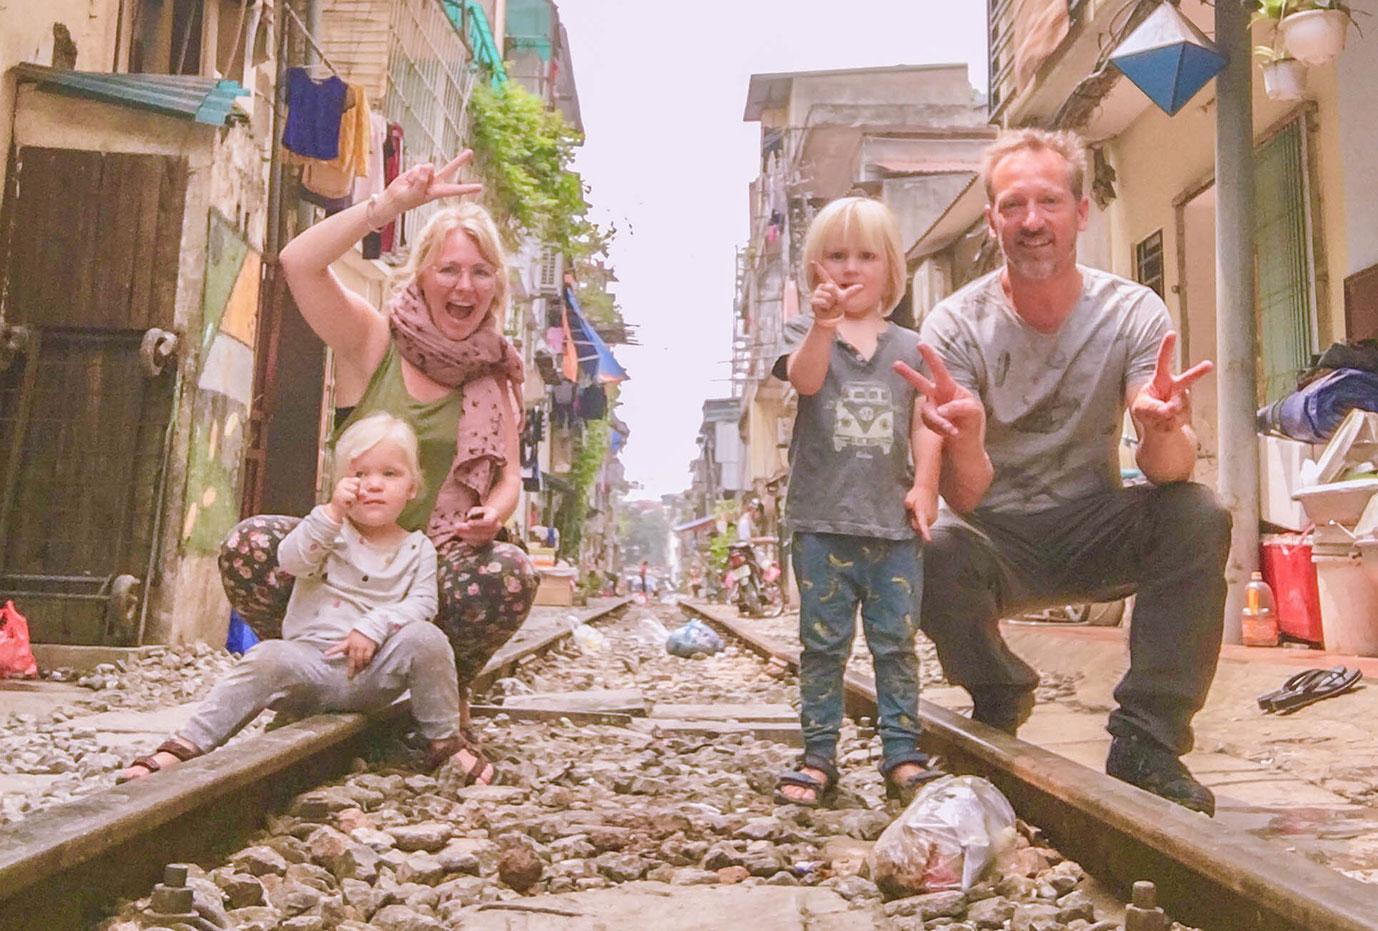 1f41f26dbd5 05 mei Inspirerend gezin: met peuter en kleuter backpacken door Azië